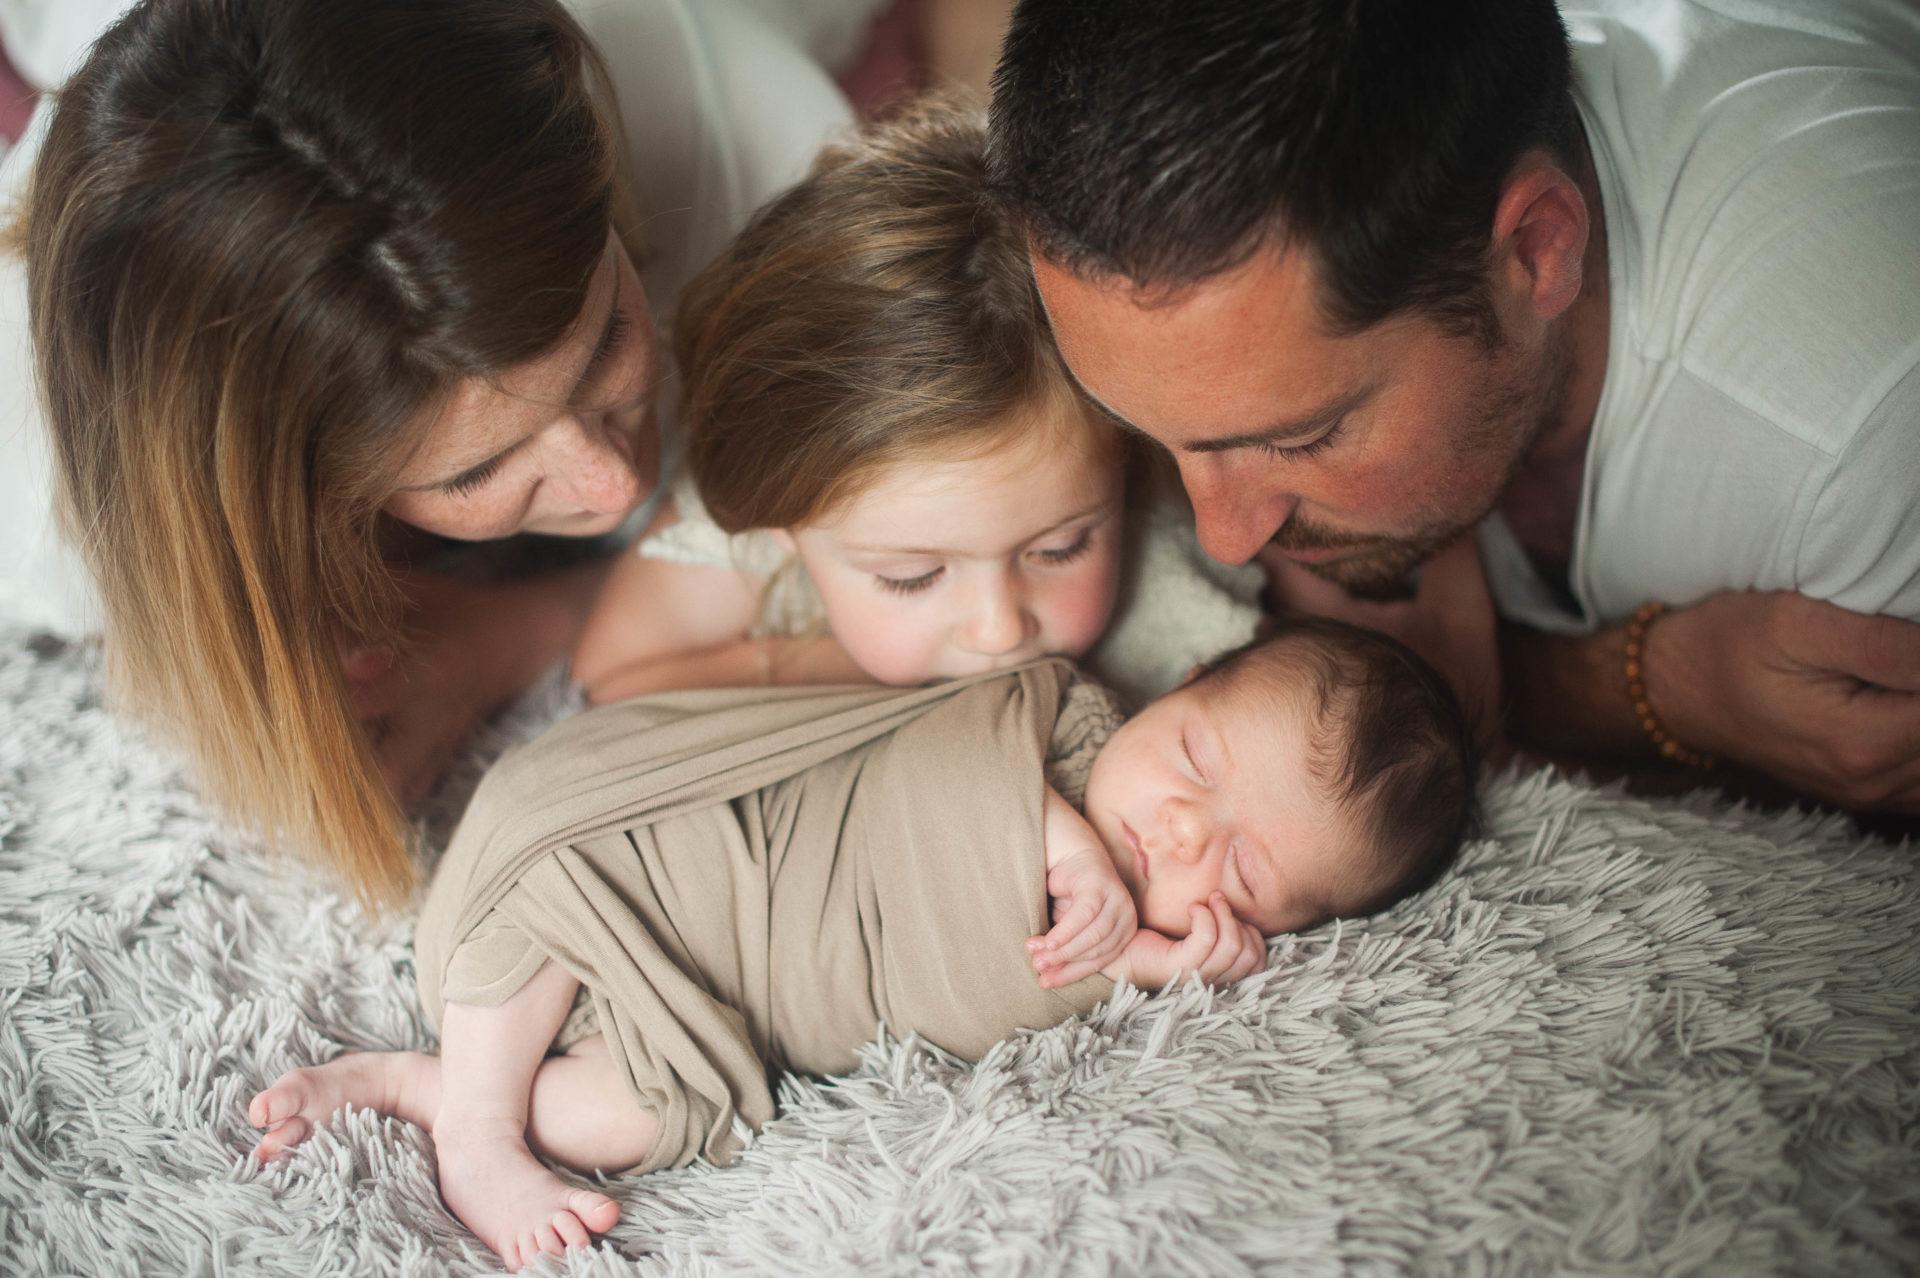 Idée cadeau naissance - séance photo